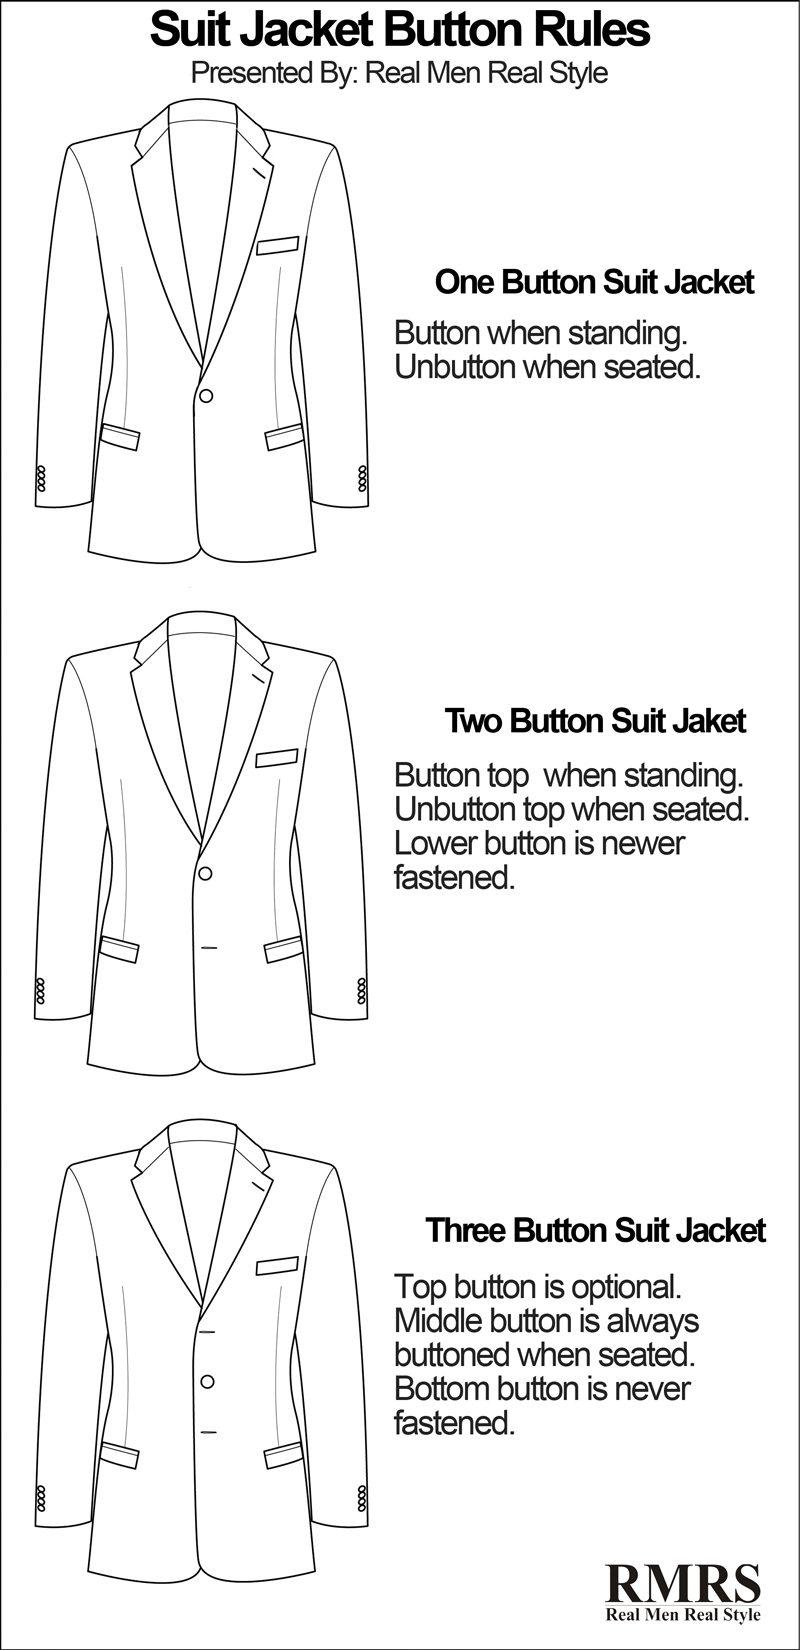 10 Suit Jacket Style Details Men Should Know Suit Jackets Silhouettes Buttons Single Vs Double